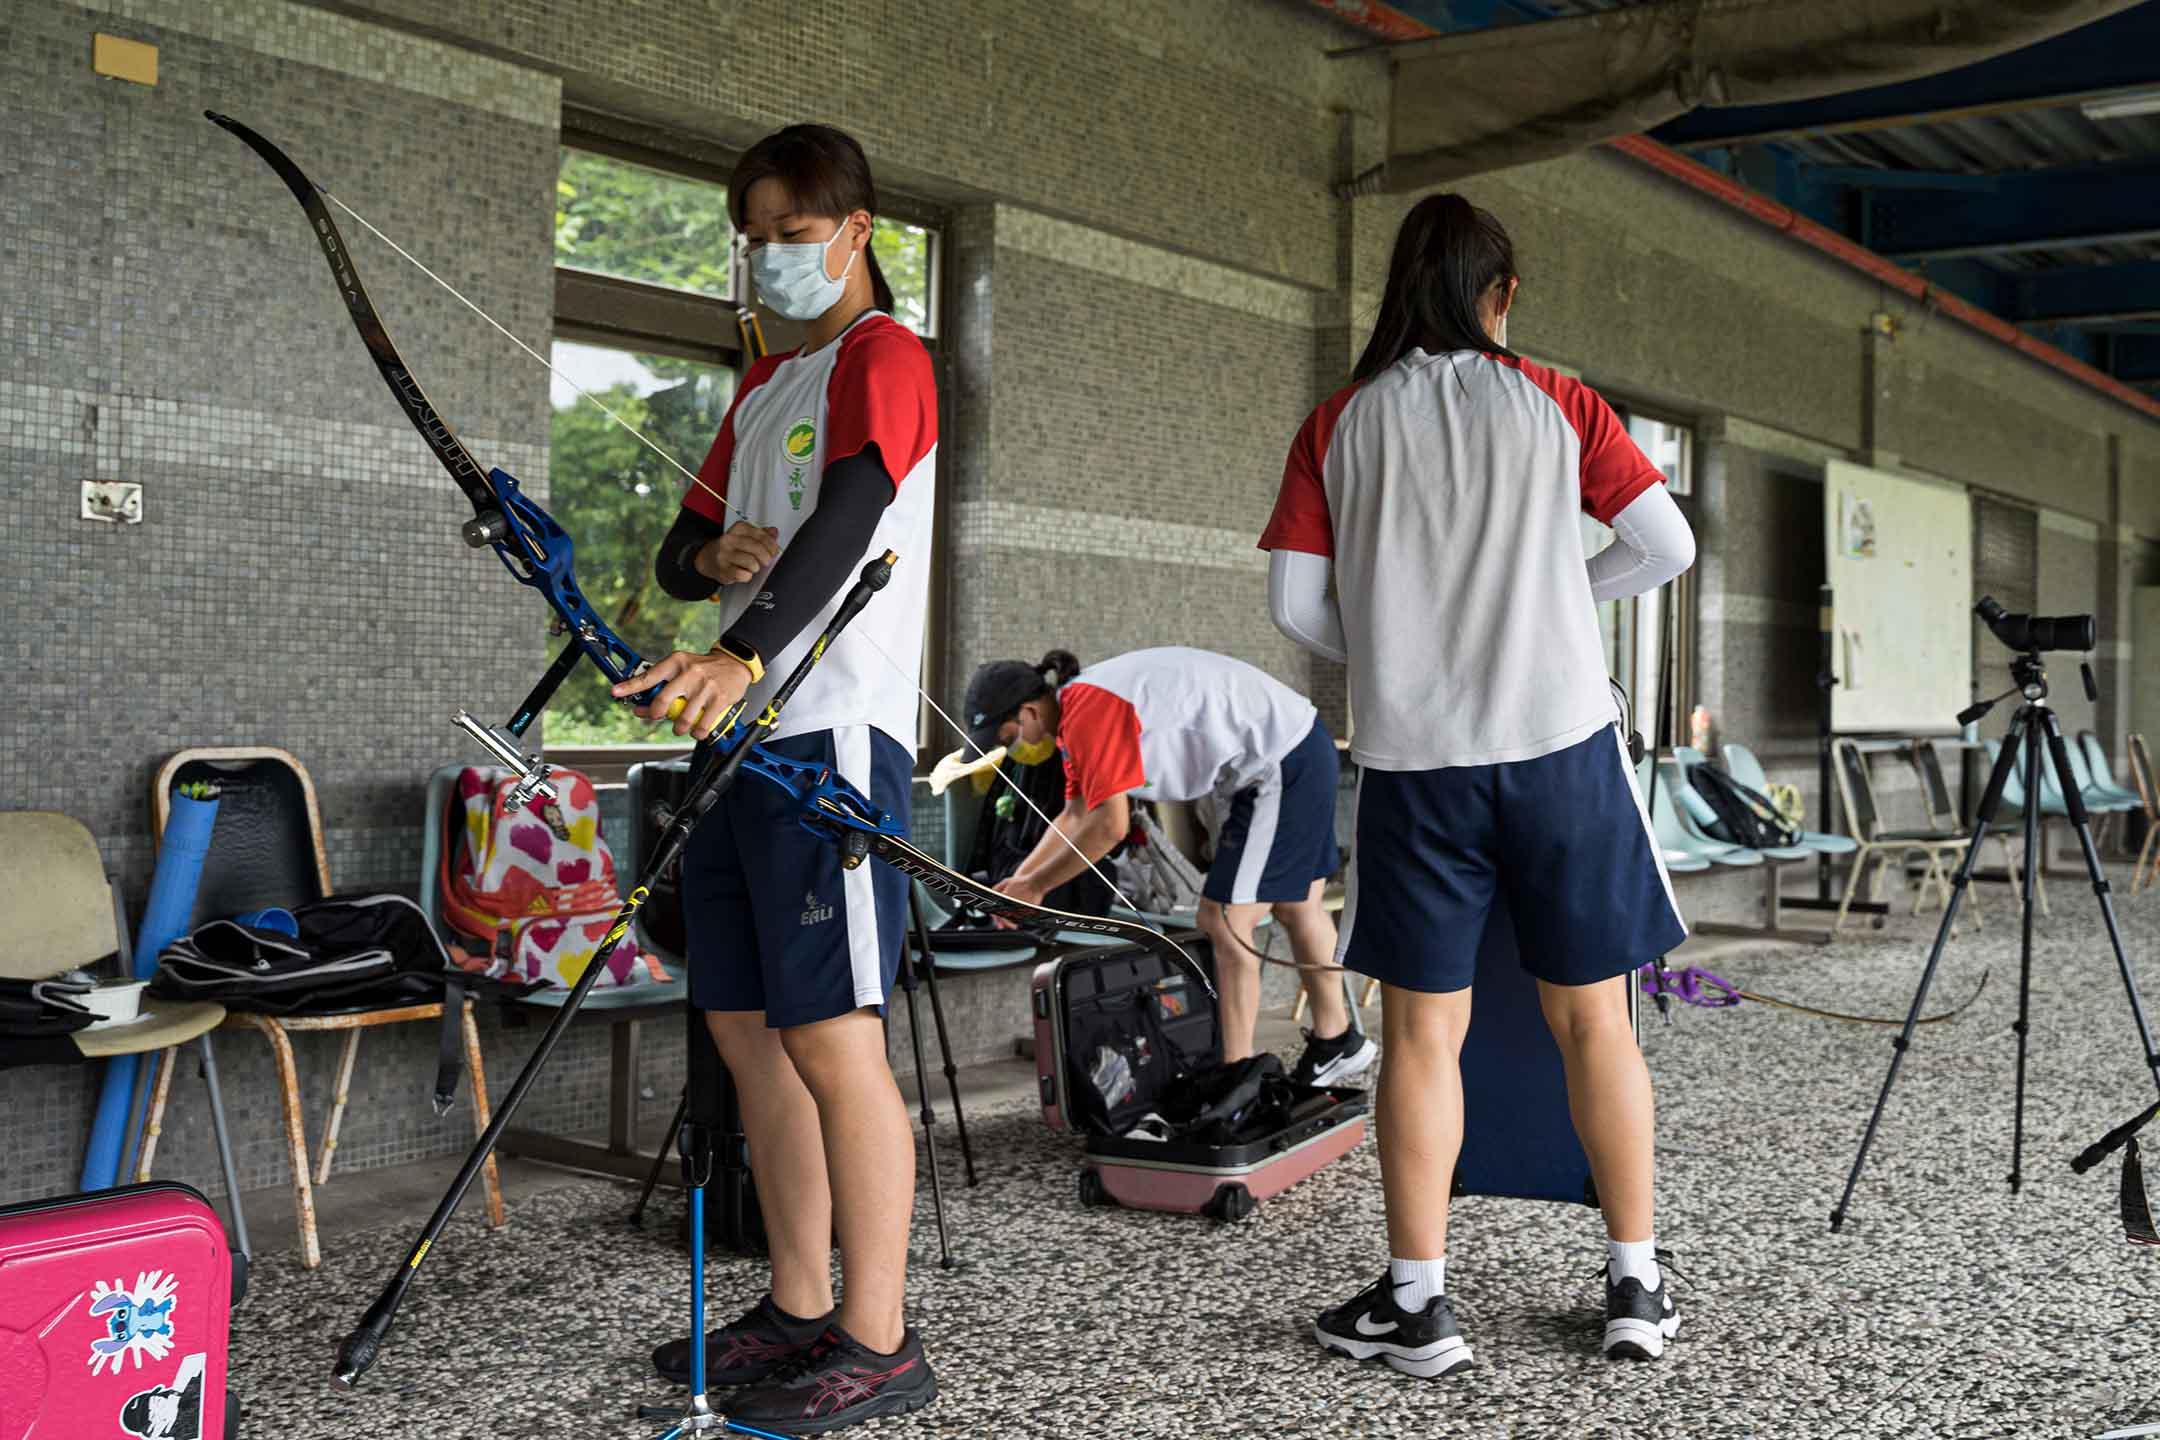 2021年8月11日台灣林口,全運會射箭選拔賽在國立體育大學中的射箭場舉行。